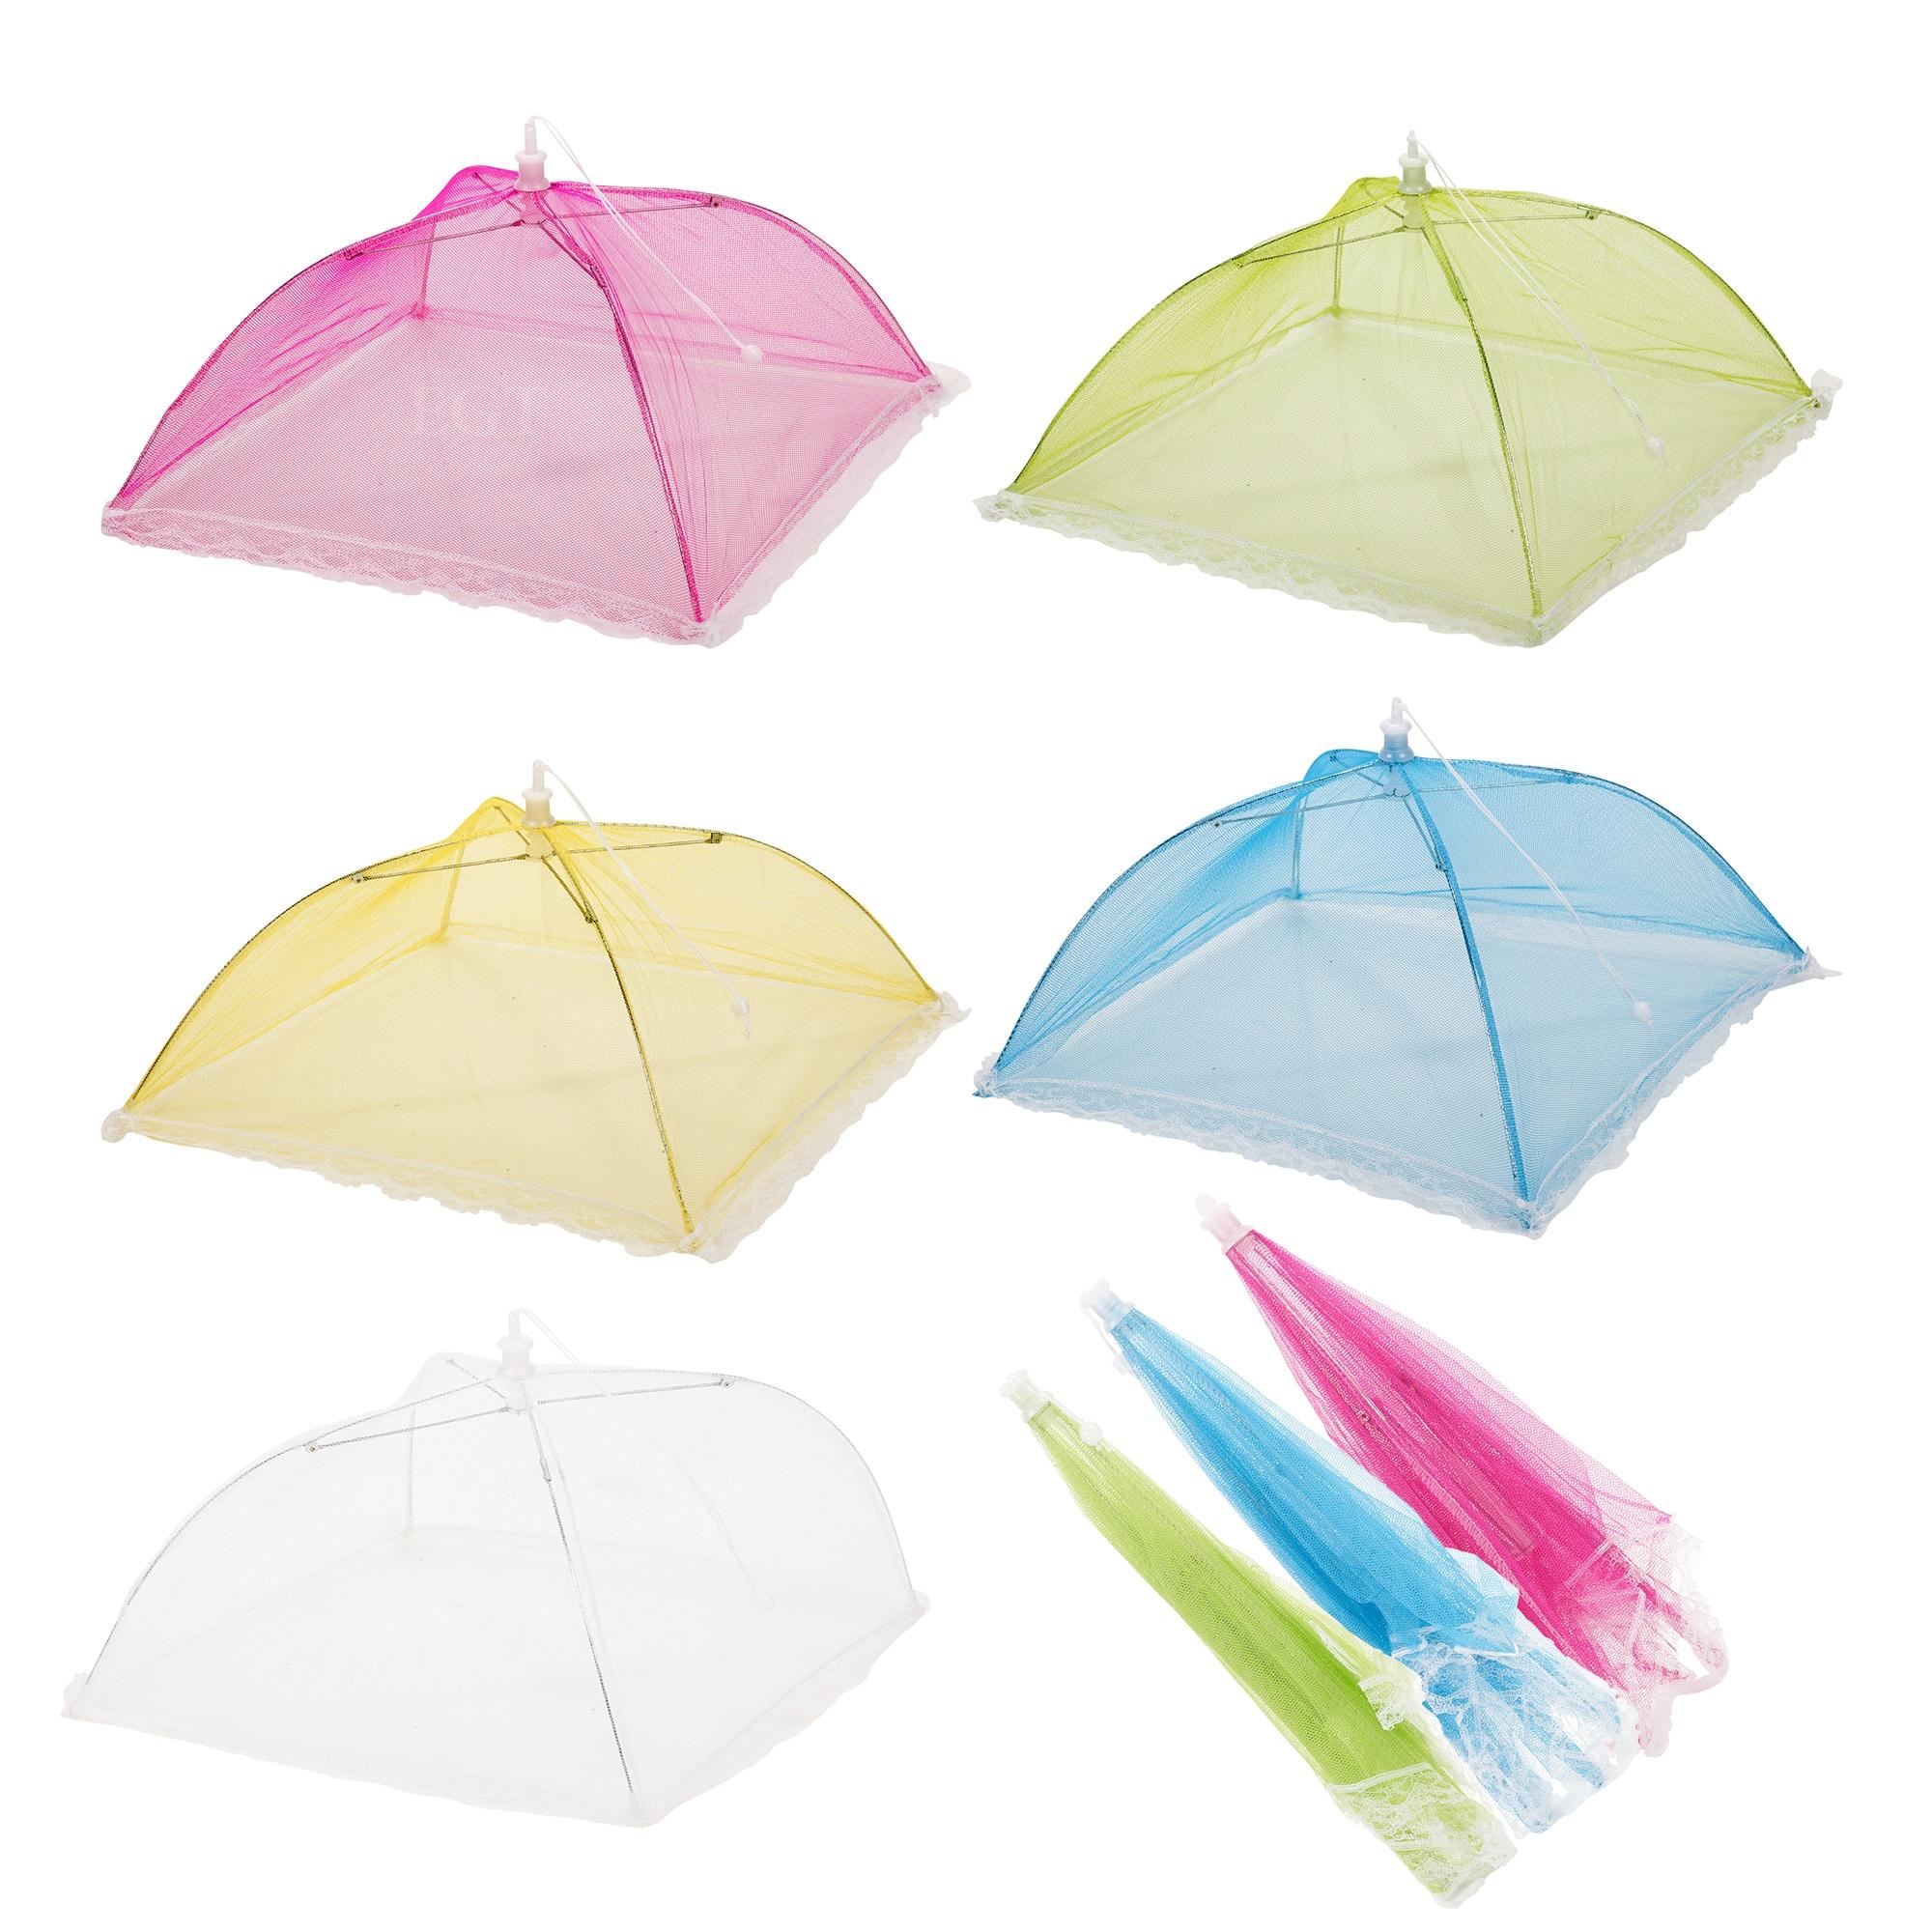 Umbrella Food Cover Uk